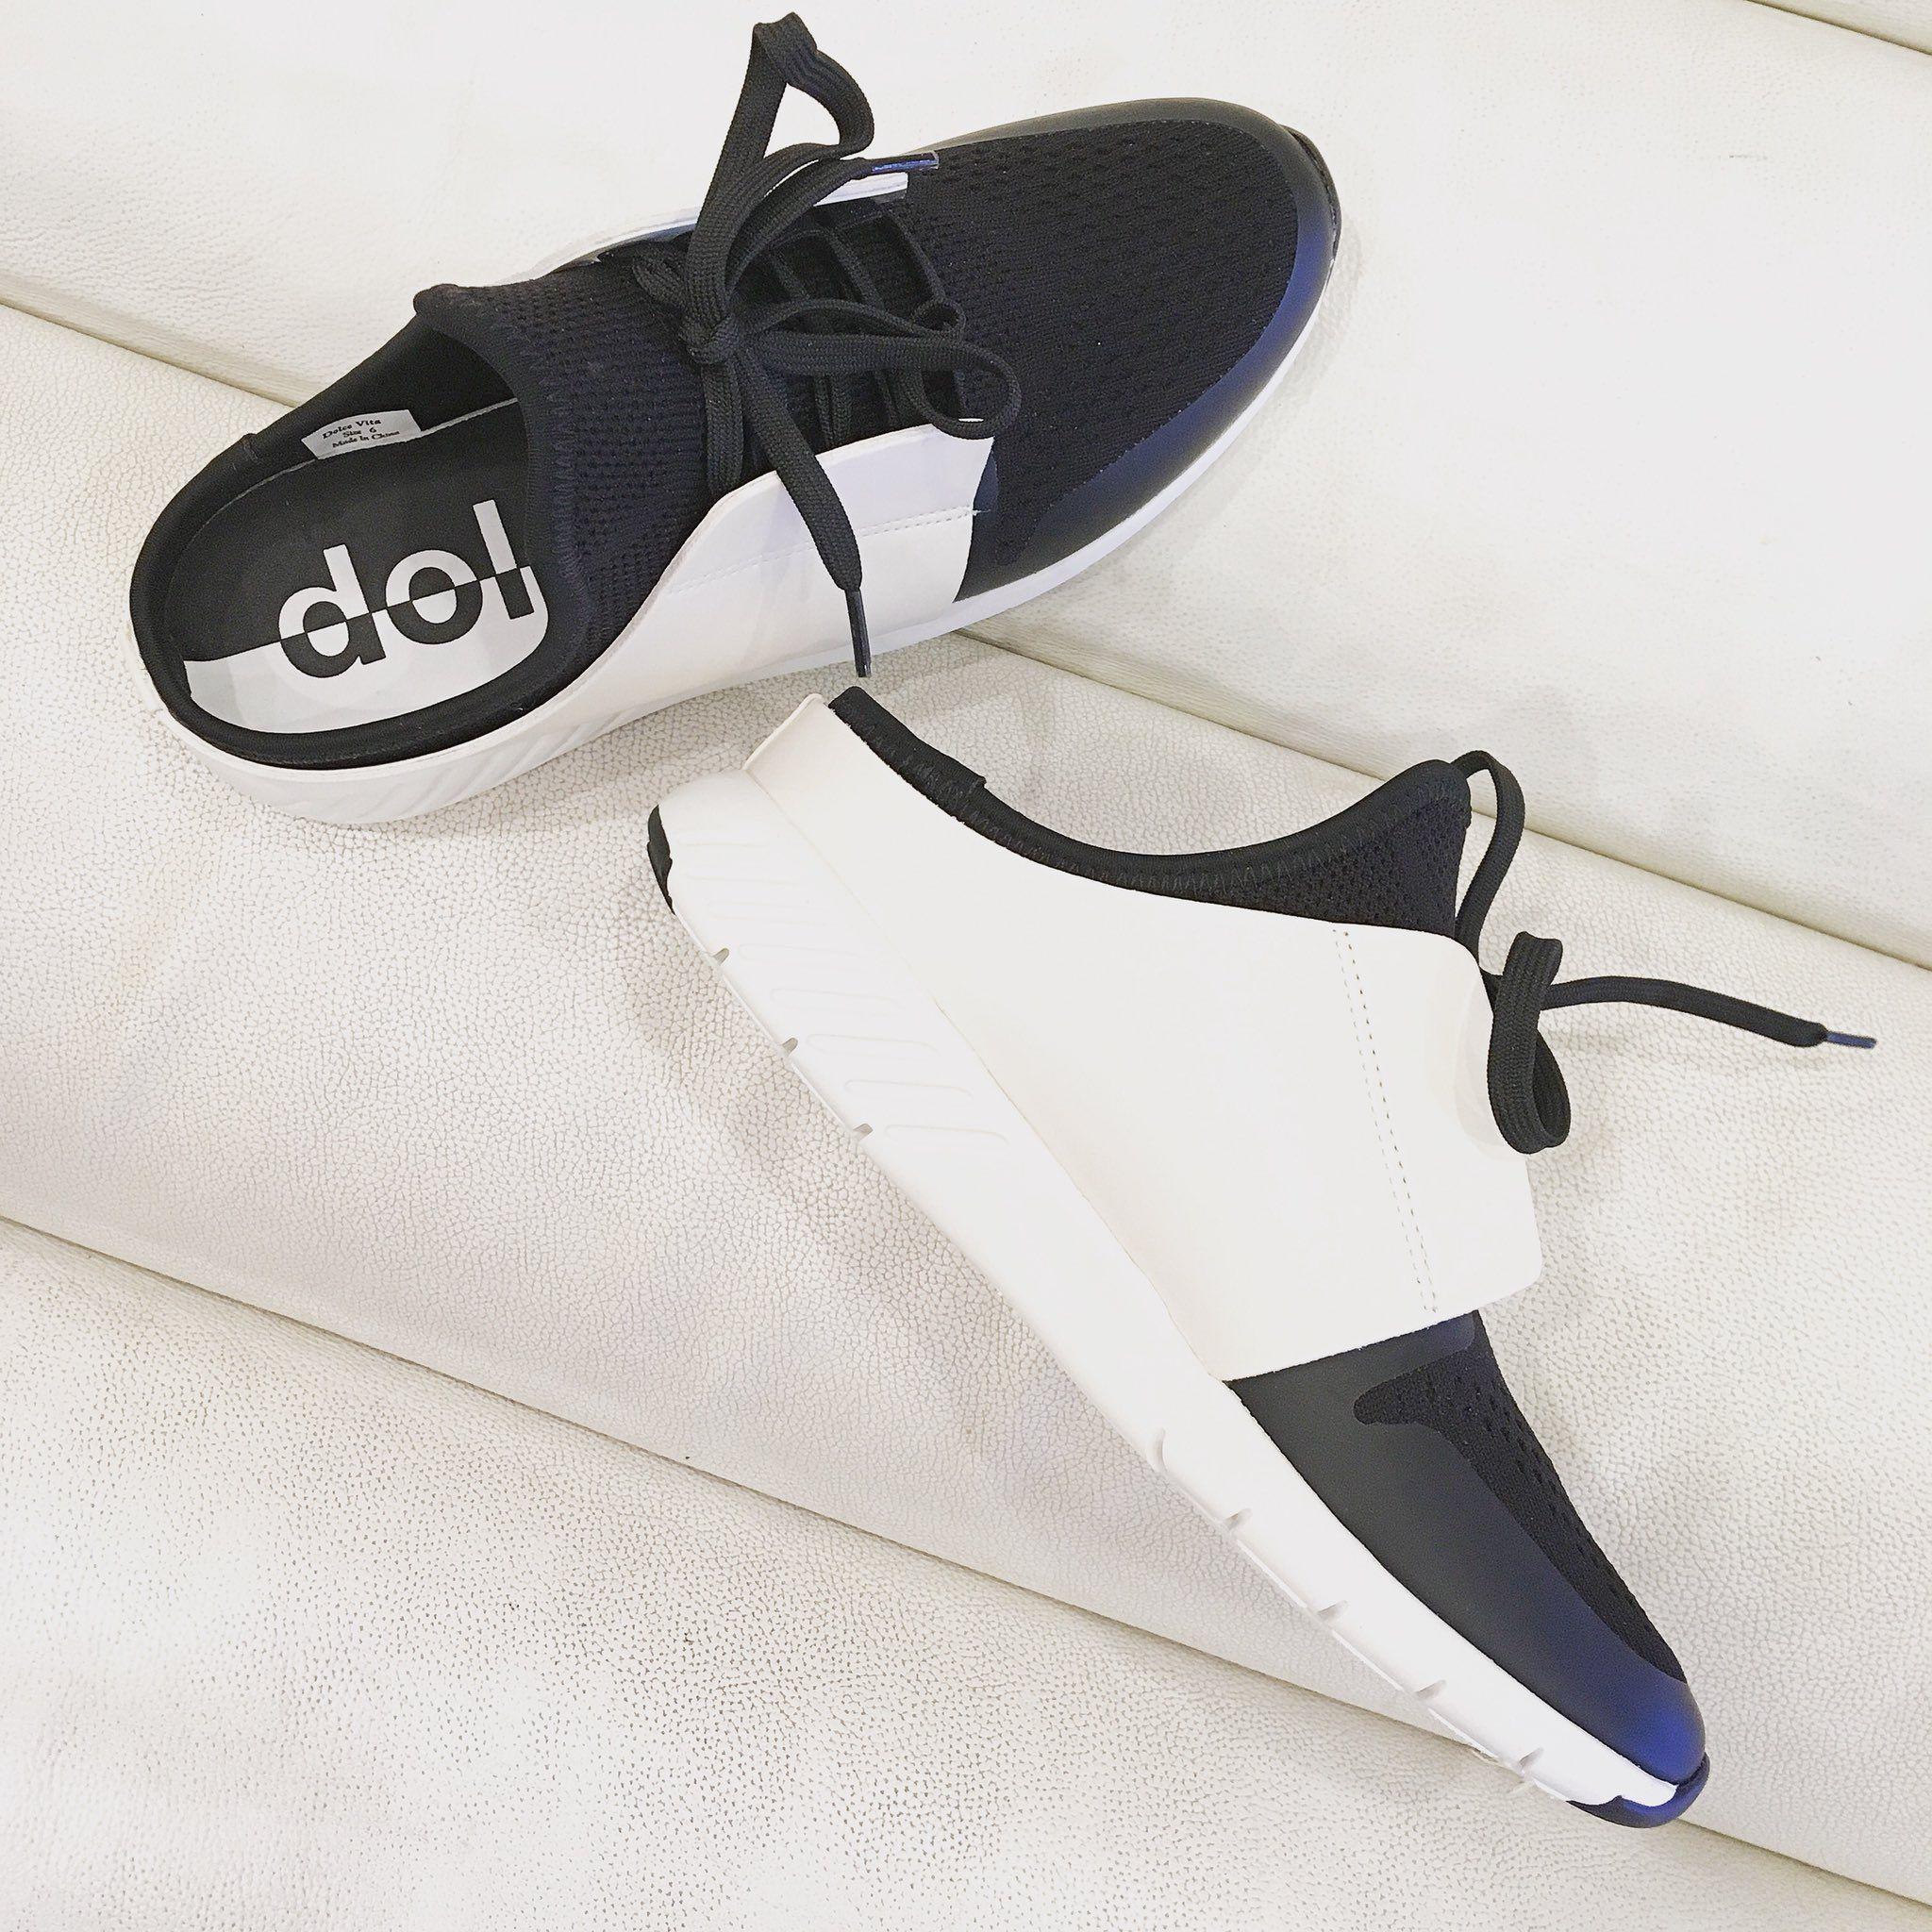 finest selection d8174 a198a  shoes144front Shoes   144 Front